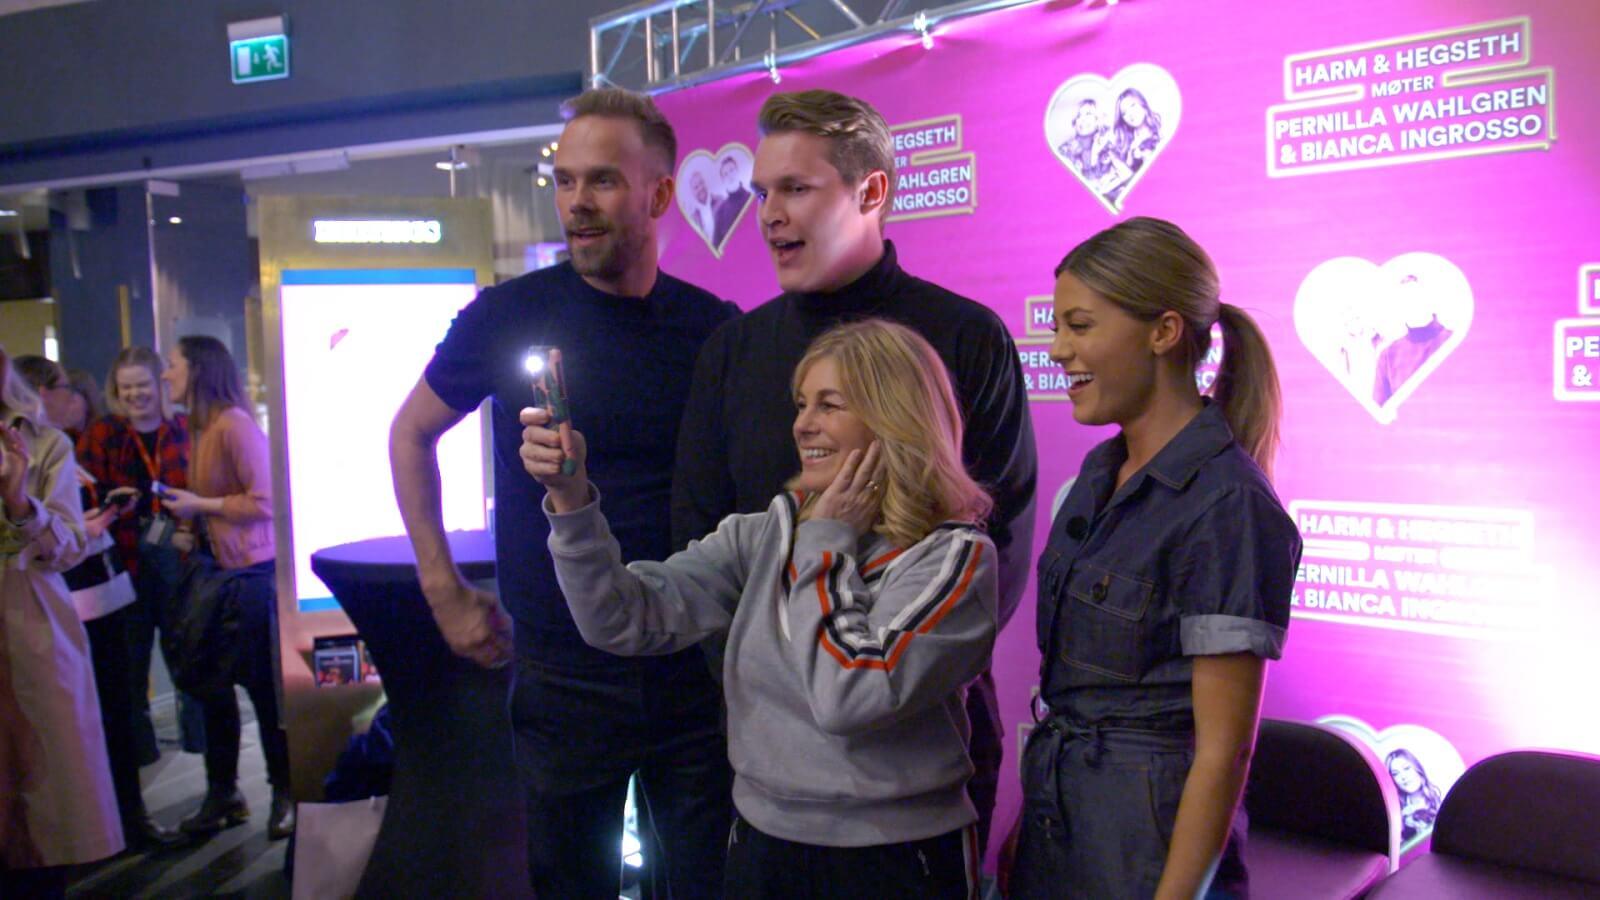 Wahlgrens verden sesong 6. Foto: TVNorge